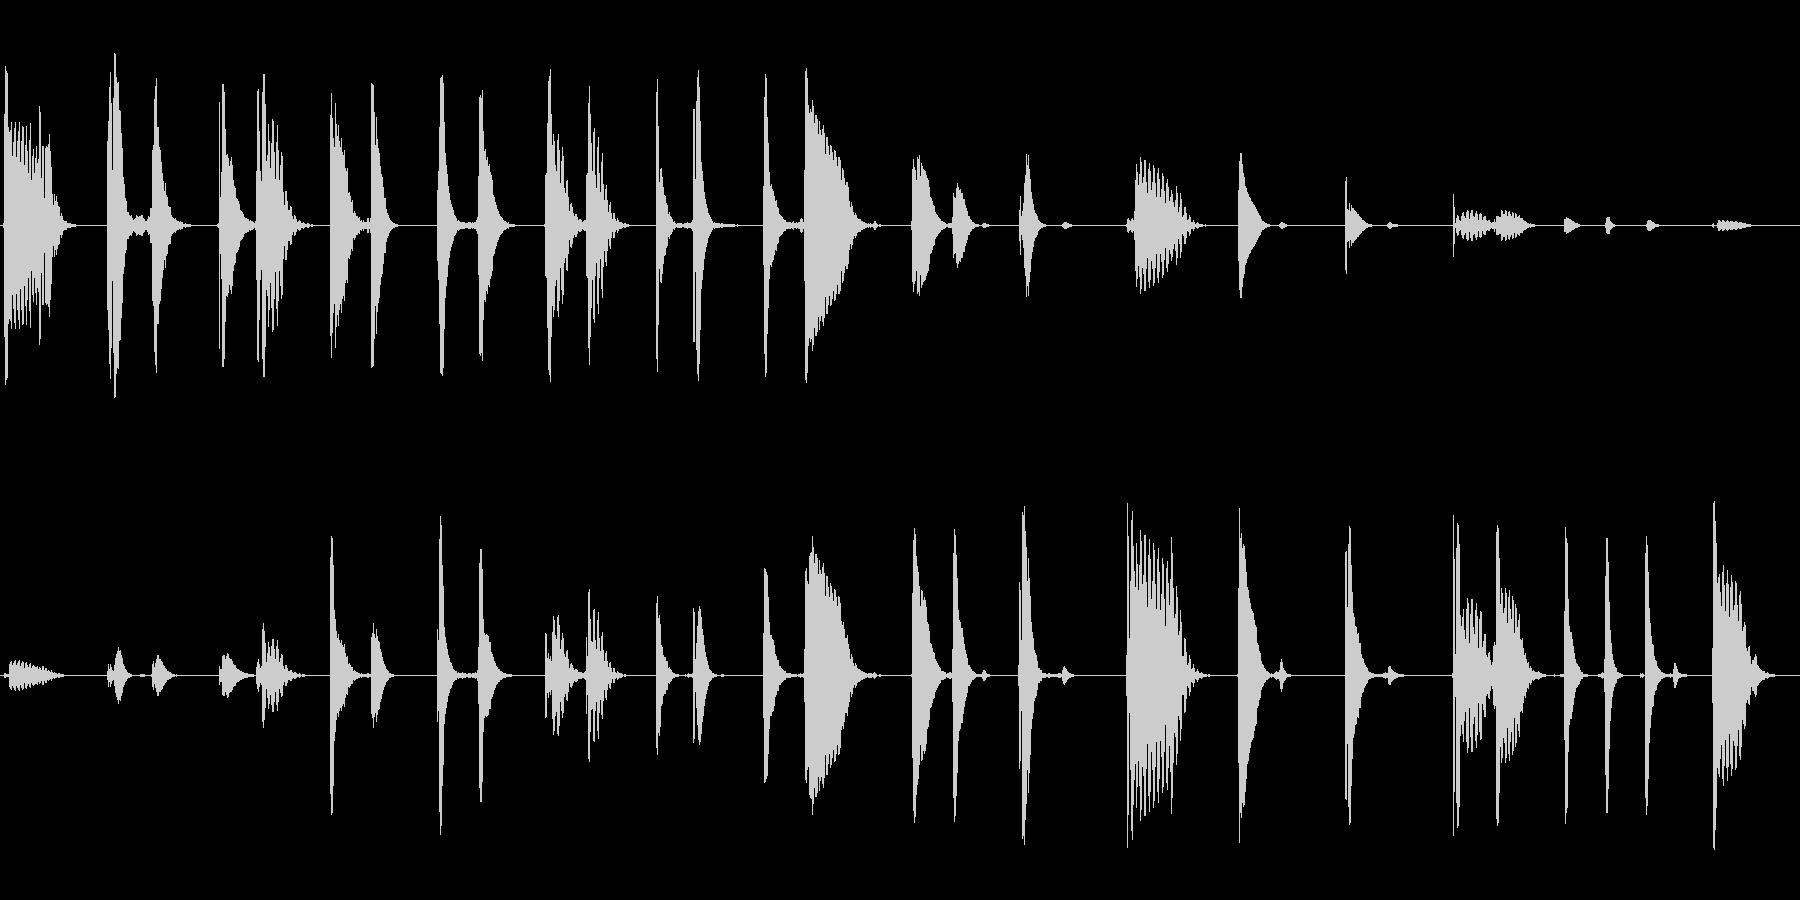 ピロリン (透明感のある響き)の未再生の波形